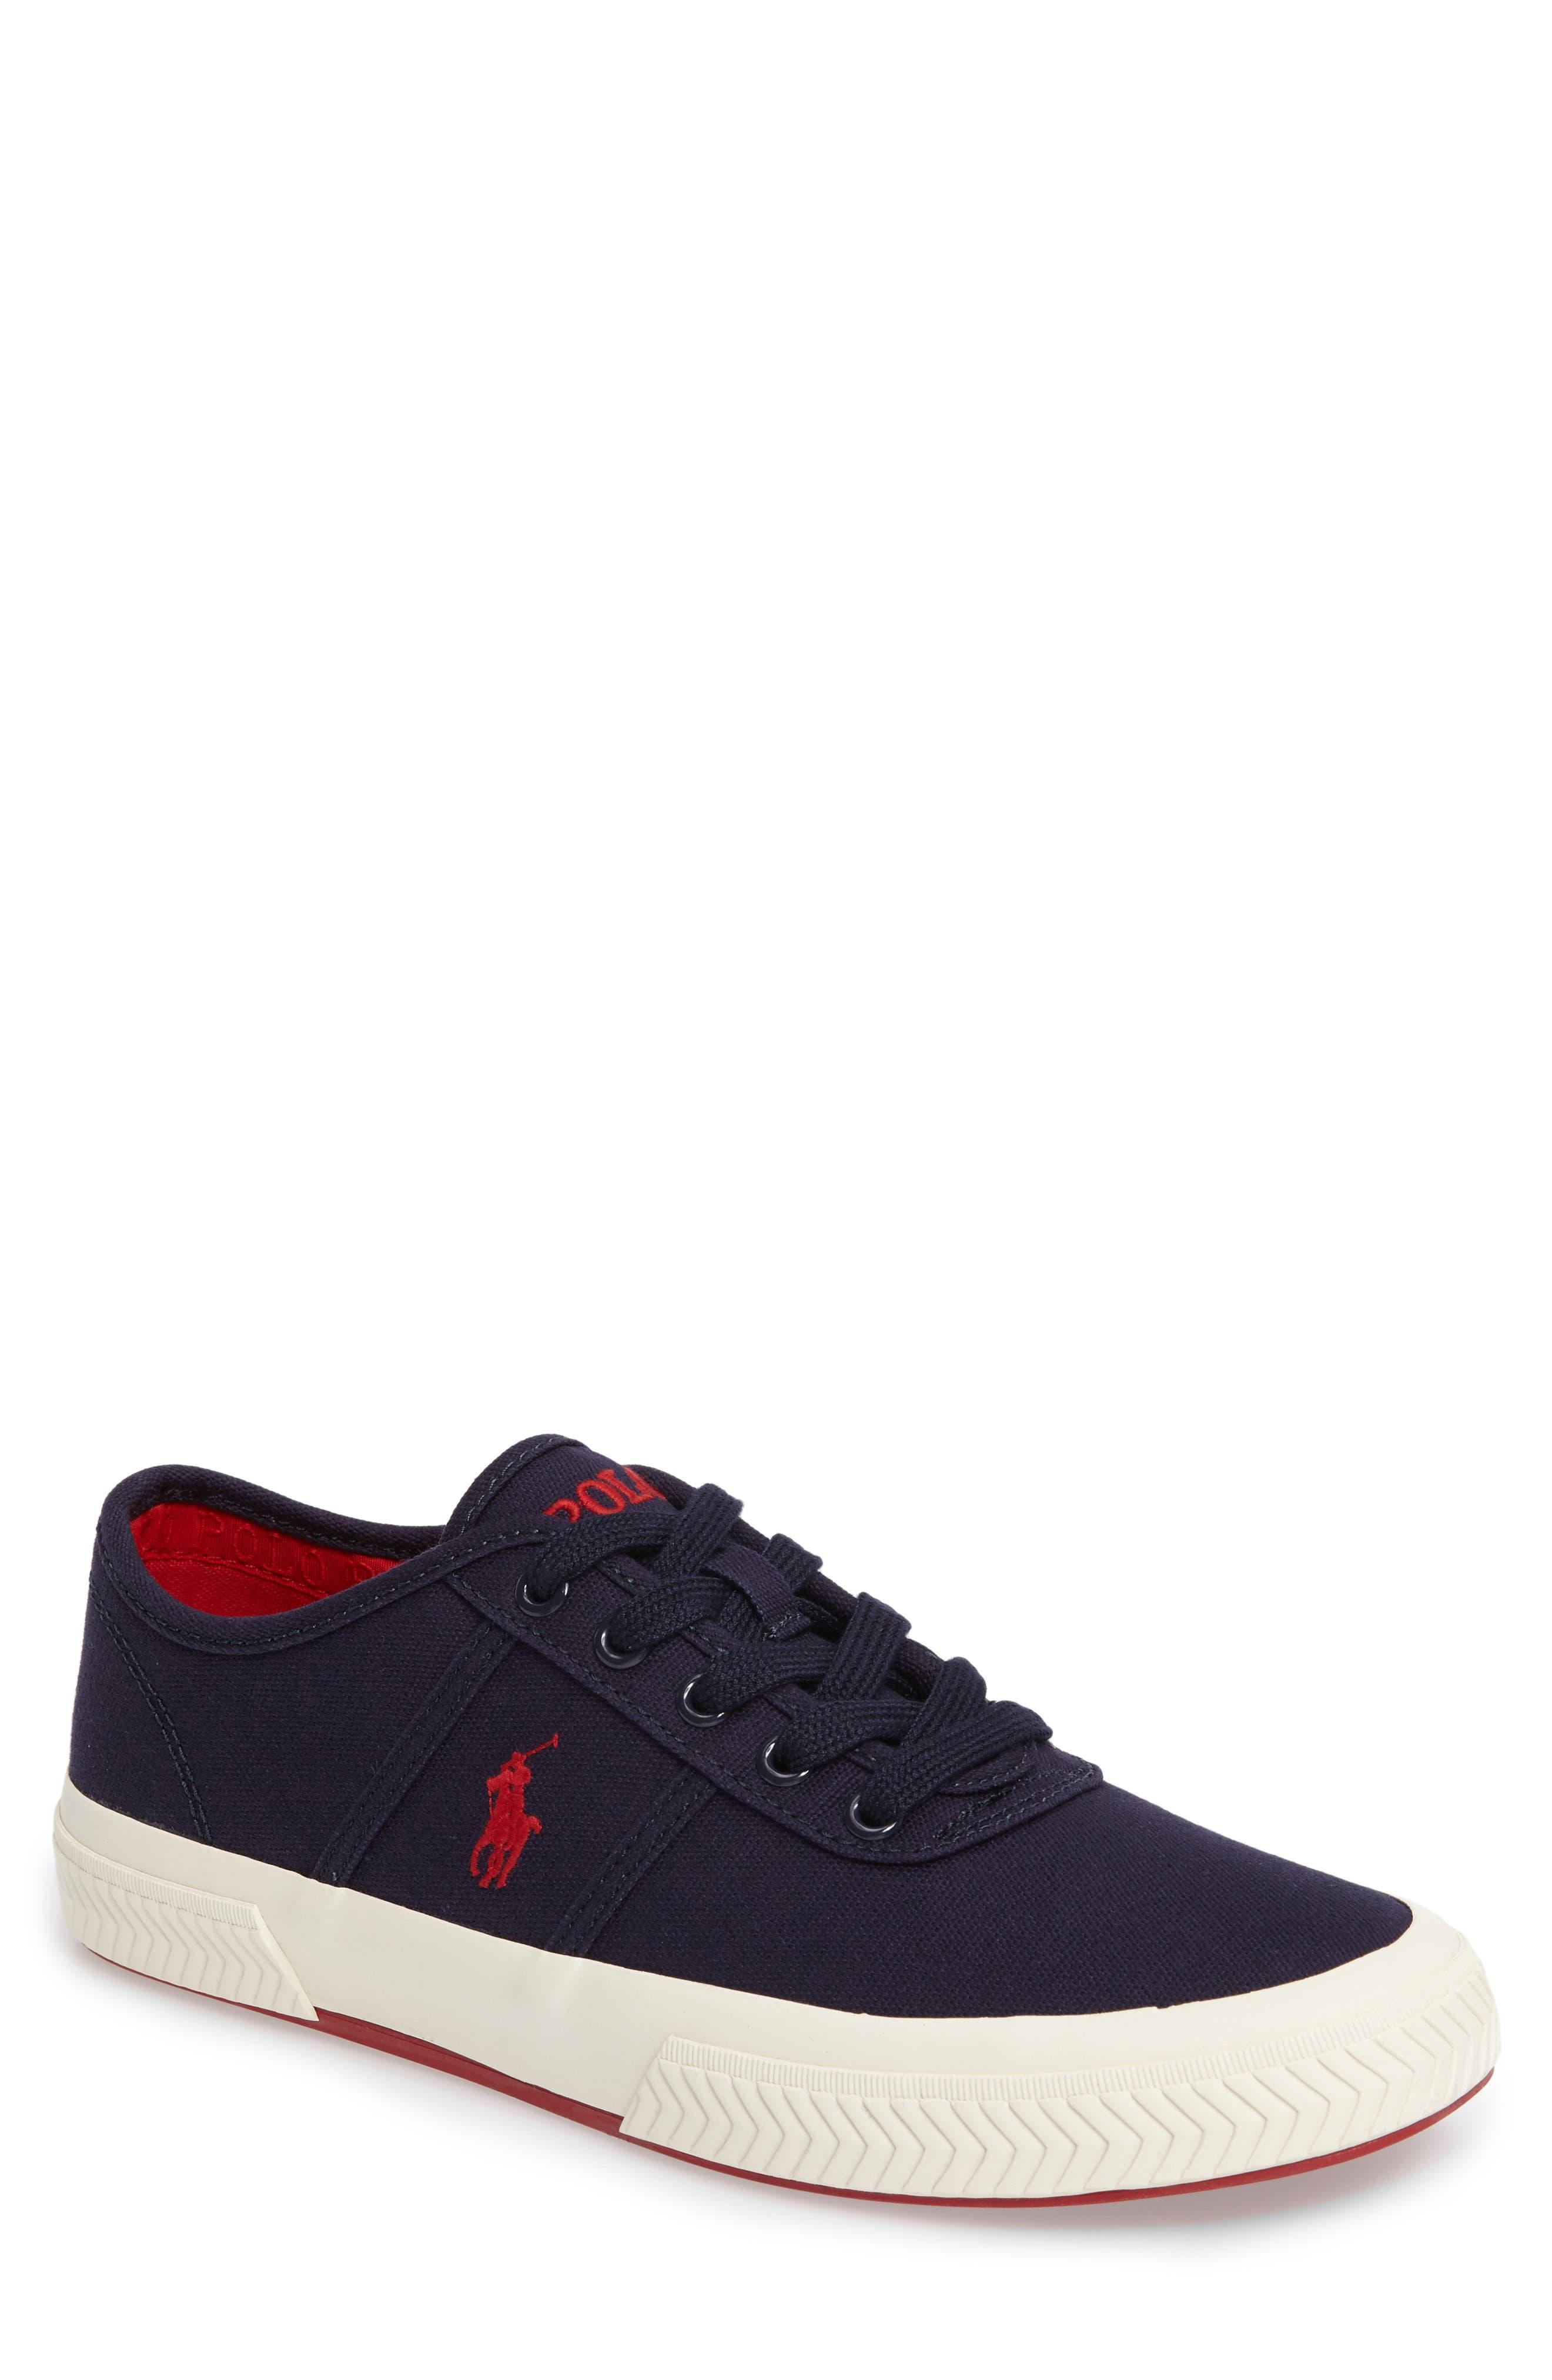 RALPH LAUREN Polo Ralph Lauren Tyrian Sneaker